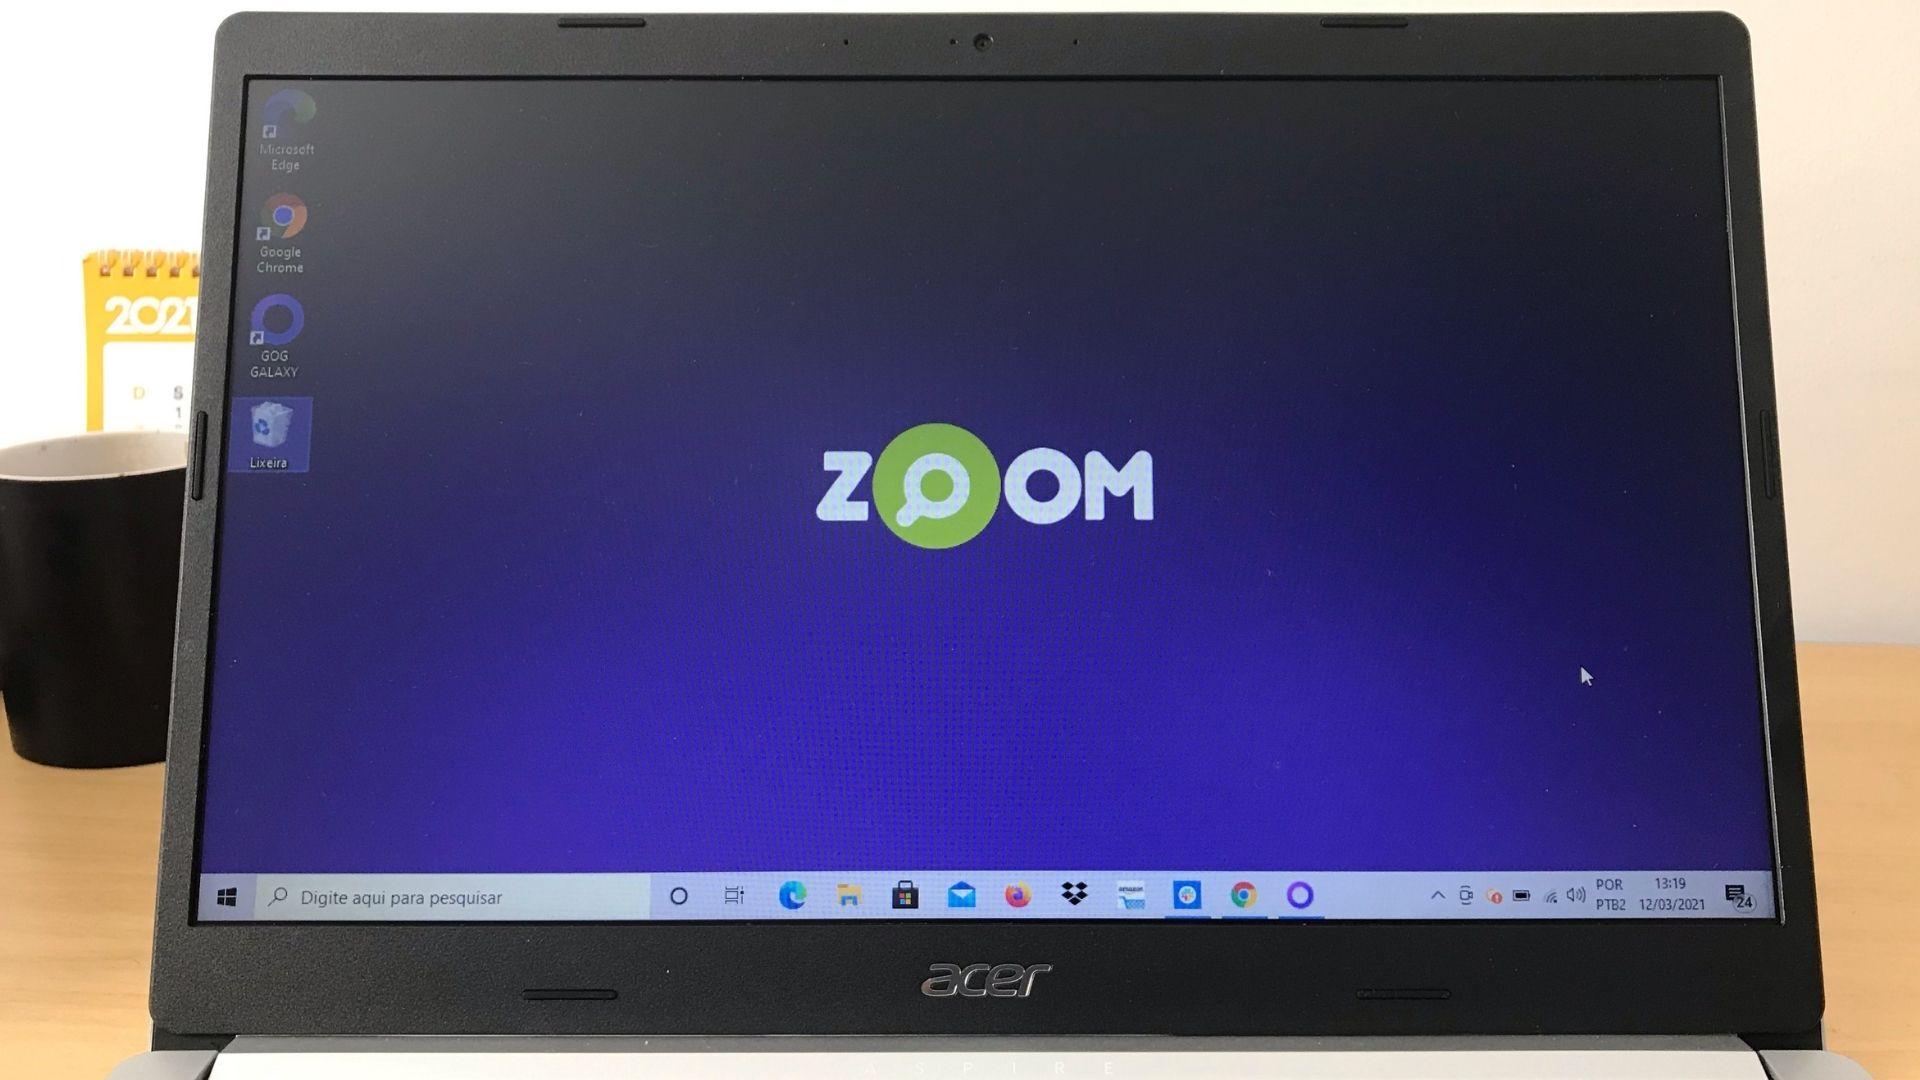 A tela do Acer Aspire 5 é grande e o espaço é bem aproveitado, mas a resolução e as cores deixam a desejar (Foto: Guilherme Toscano)